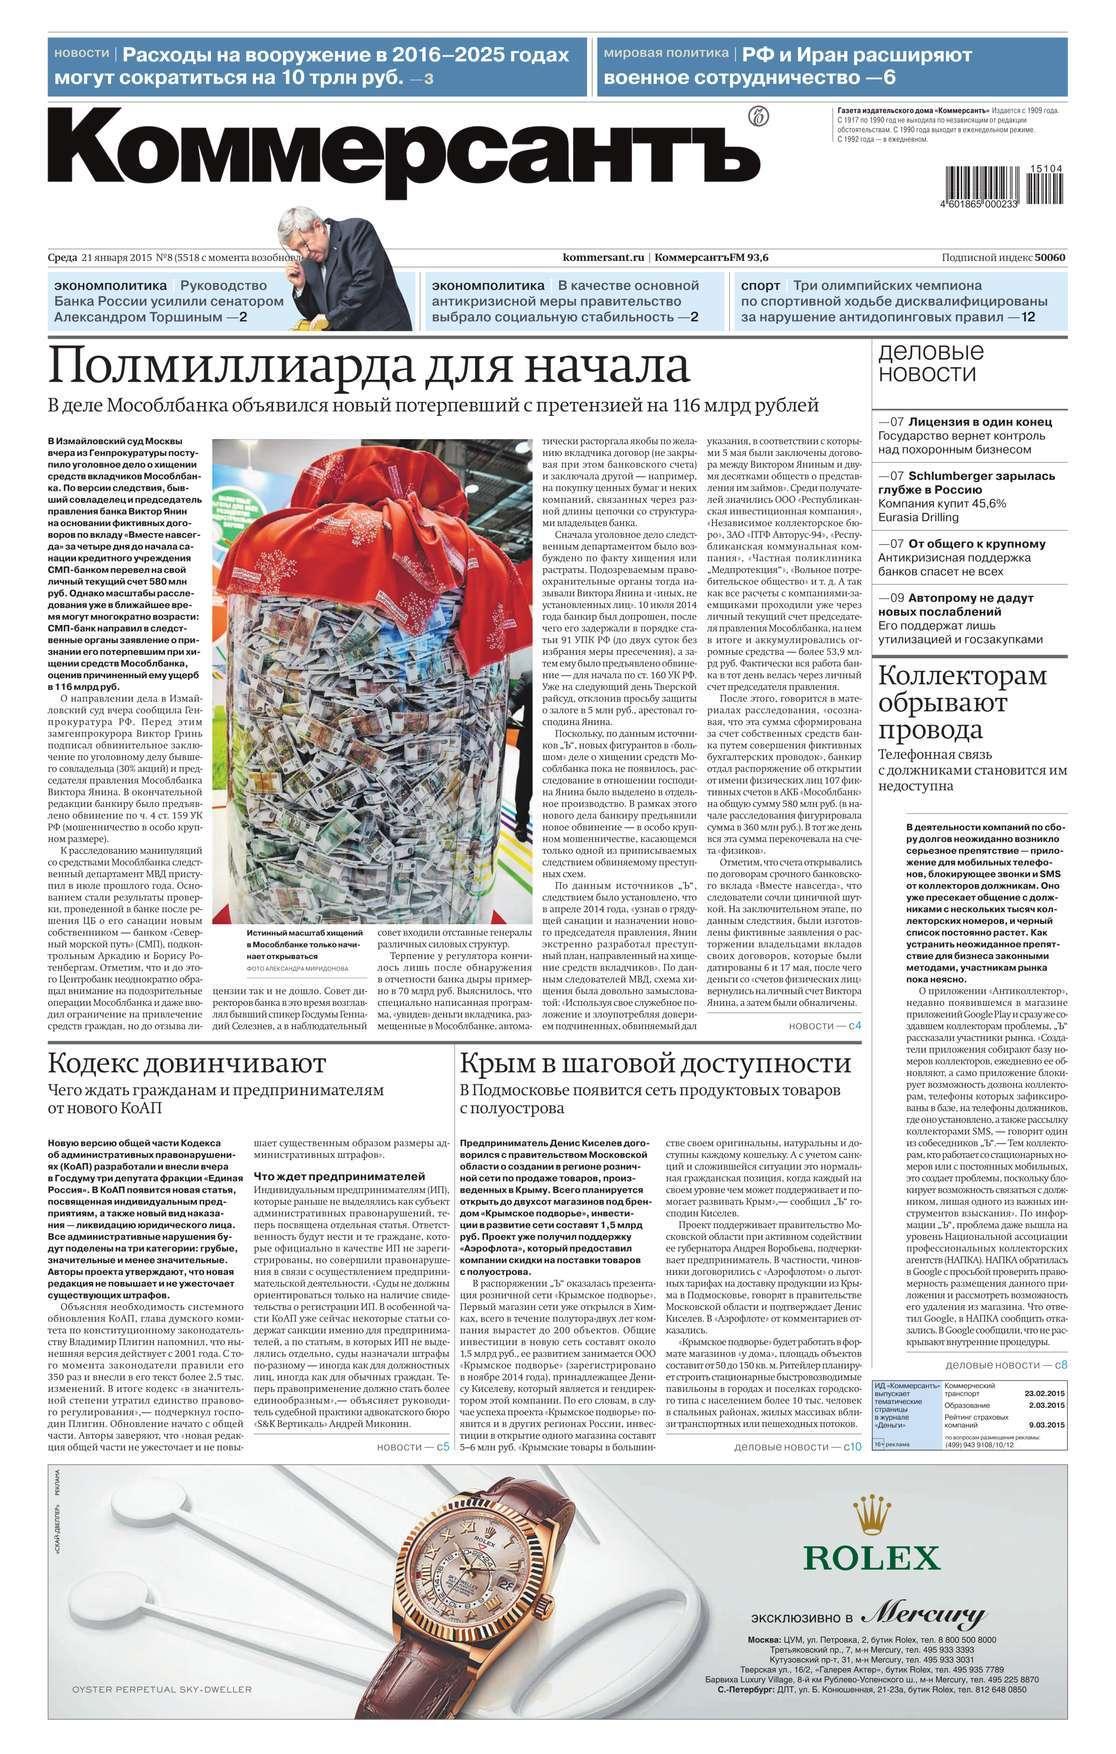 Скачать Редакция газеты КоммерсантЪ бесплатно КоммерсантЪ 08-2015